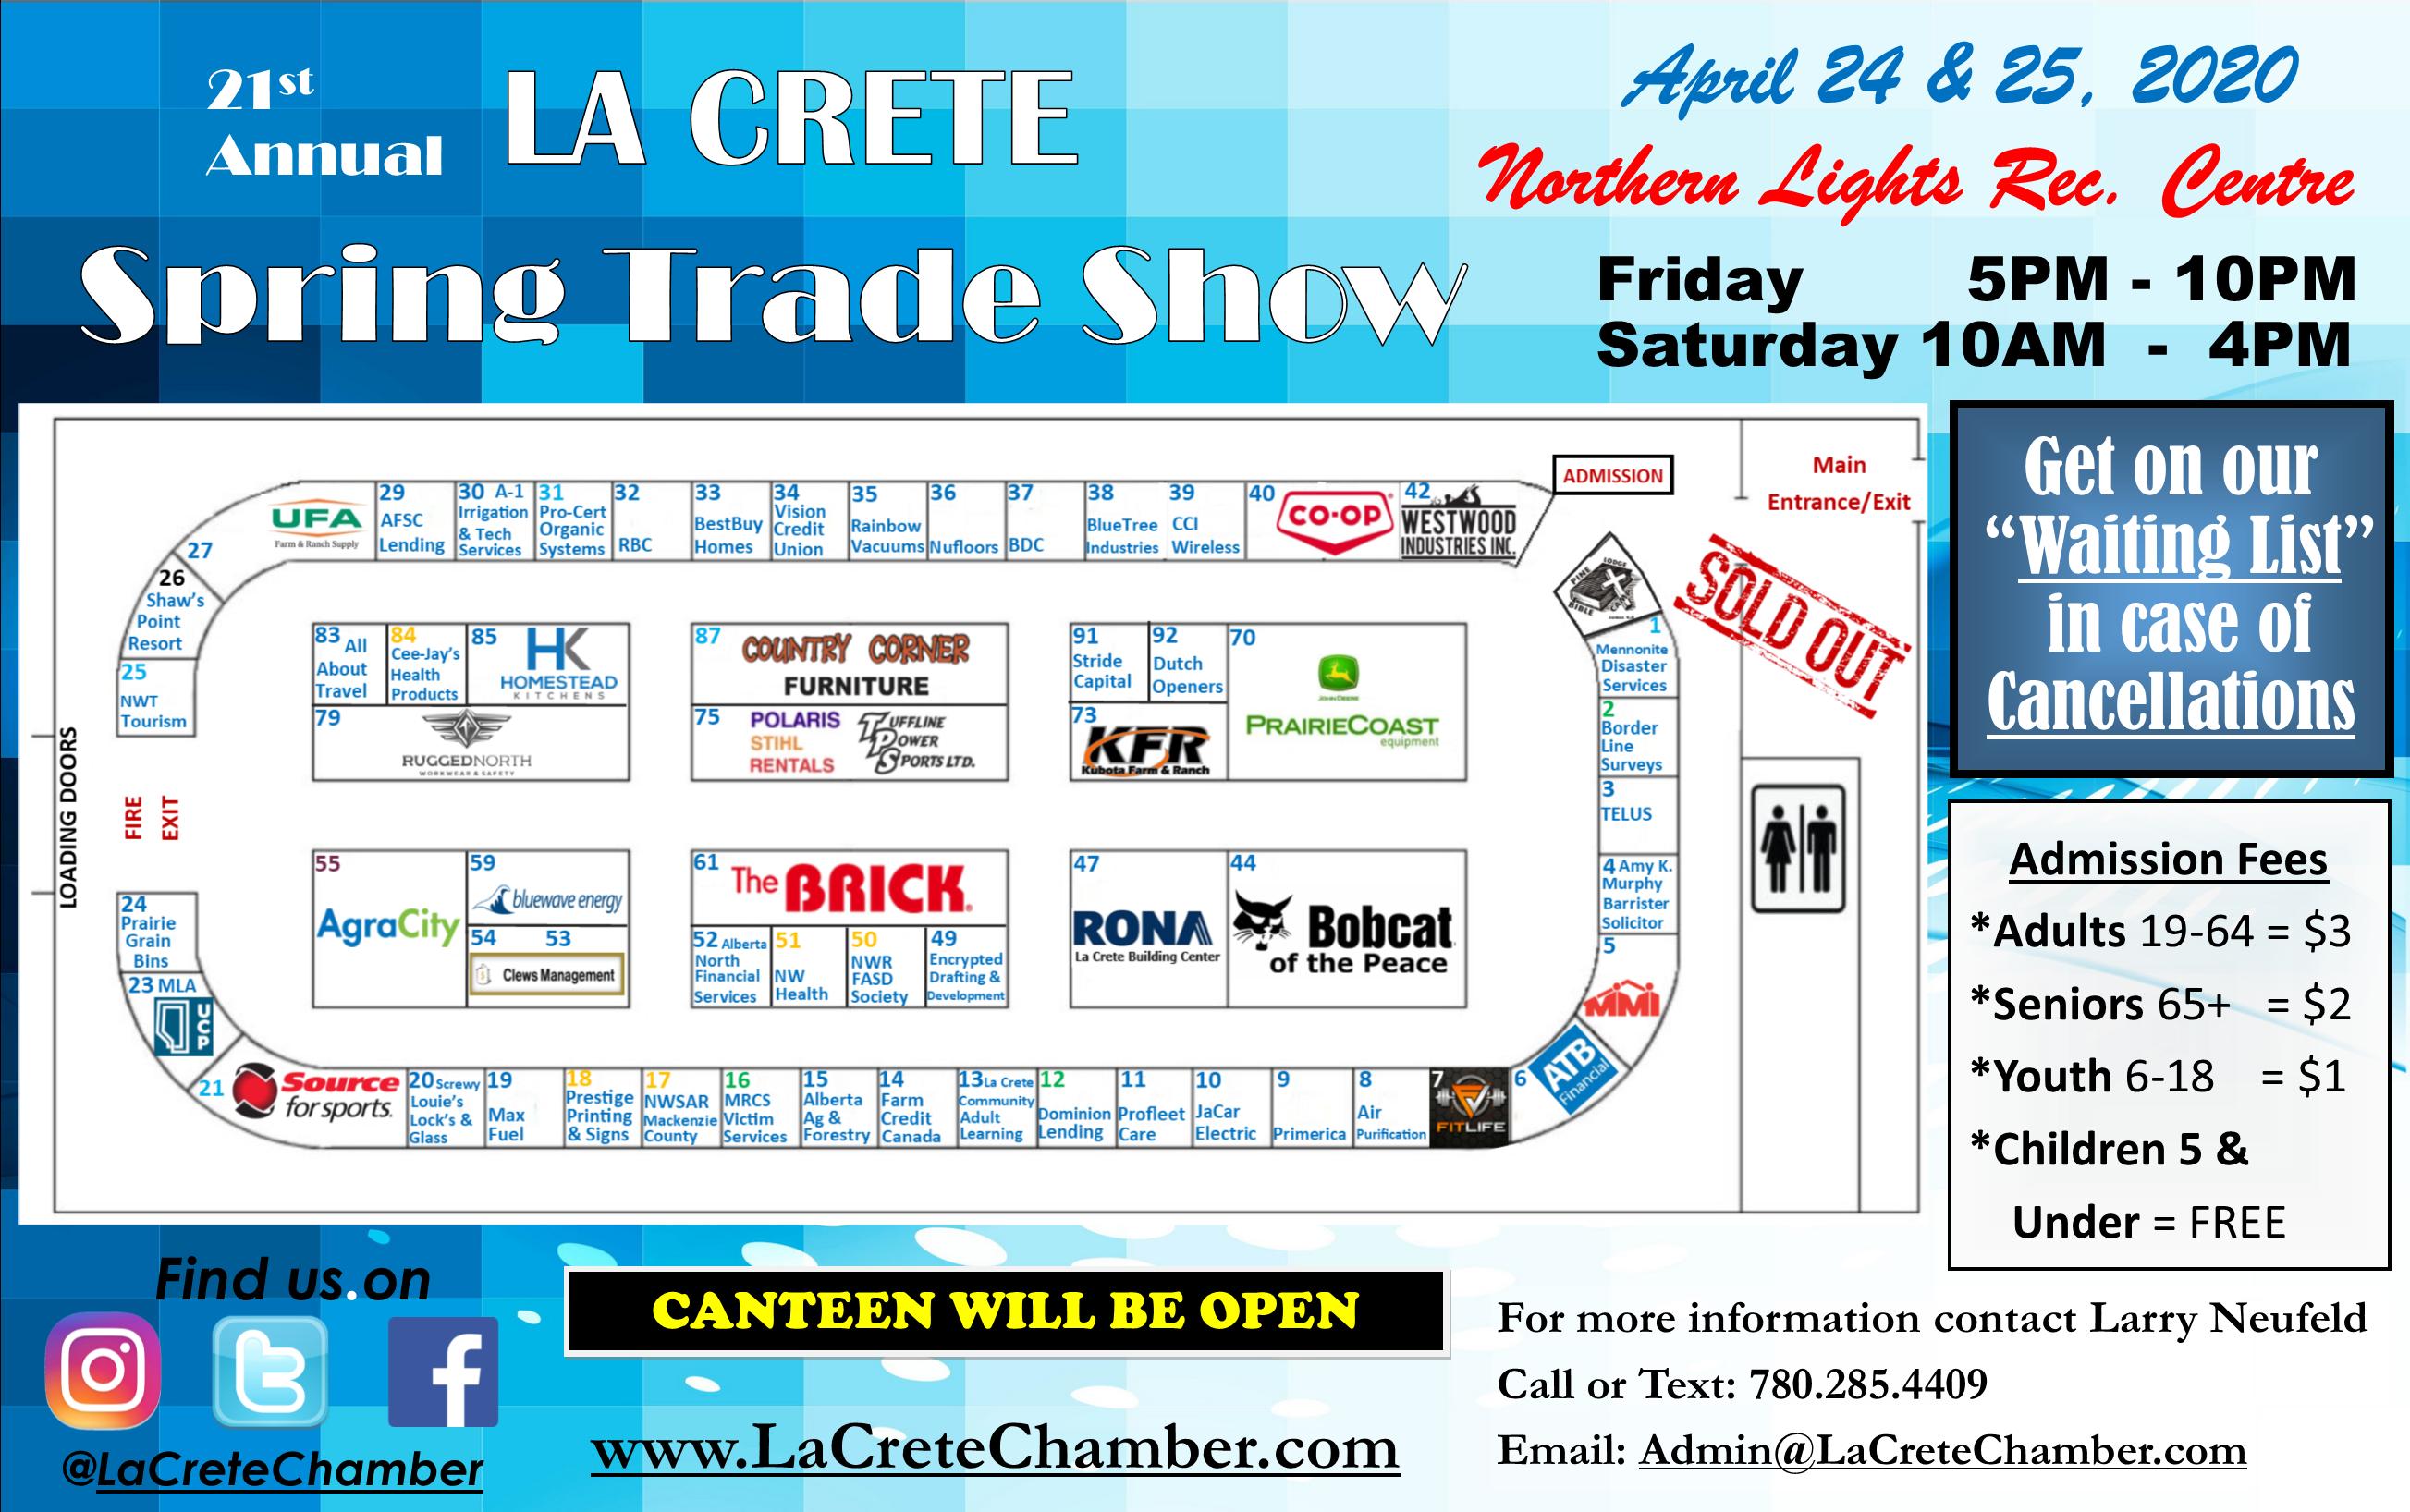 2020 Trade Show Main Arena Website Poster-Feb. 12